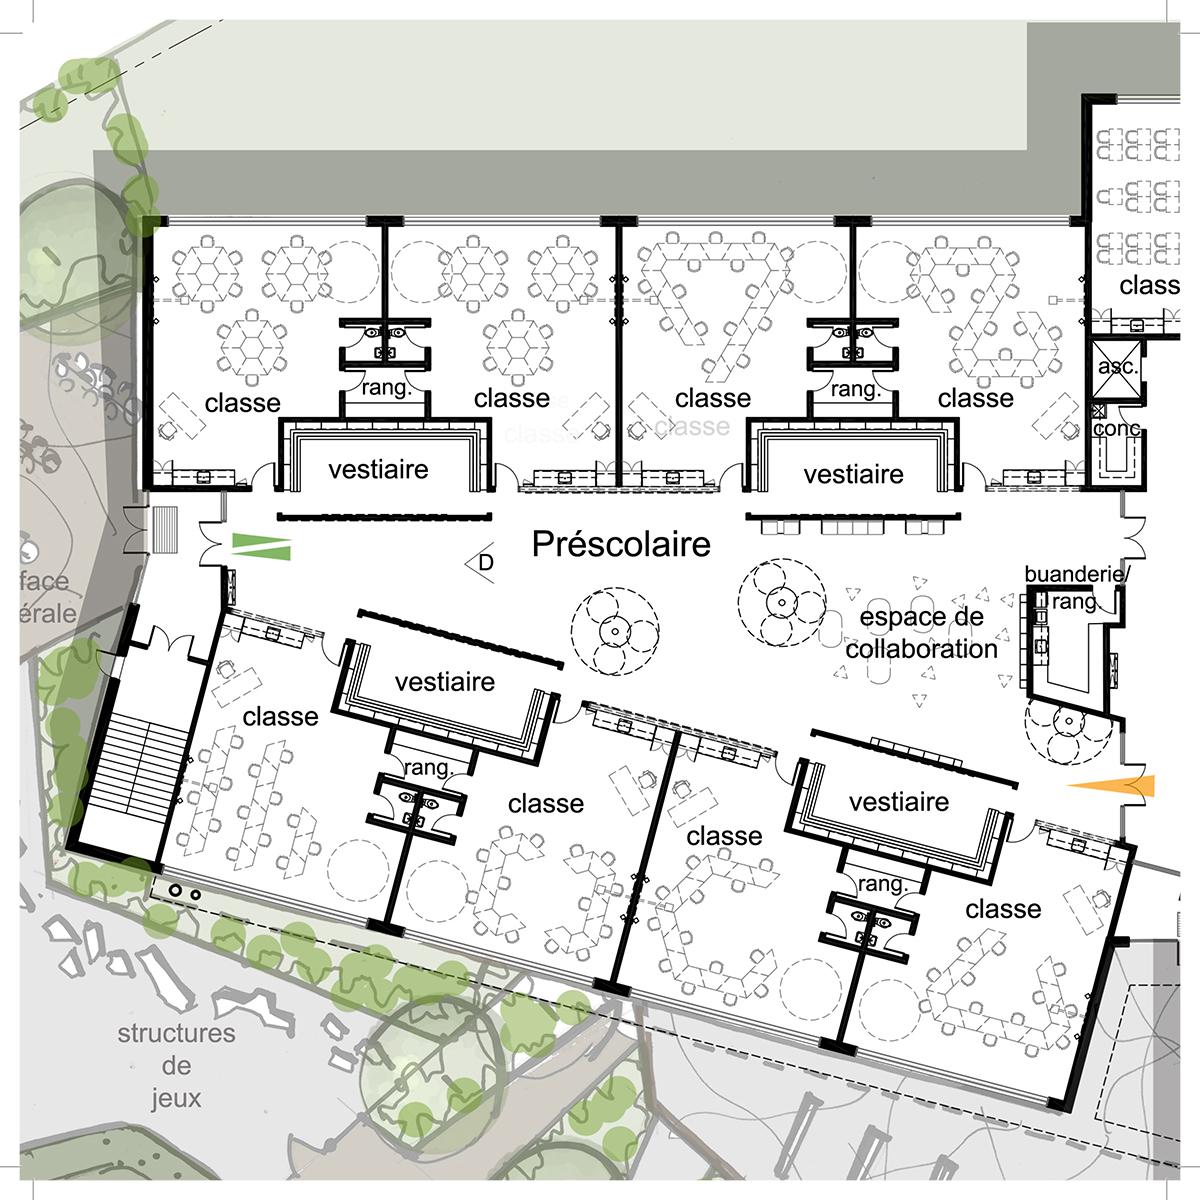 Plan d'une salle de classe par LRAA et ACSL, pour le concours du Lab-École à Gatineau, présenté dans le cadre de l'exposition «Devoirs d'architecture».